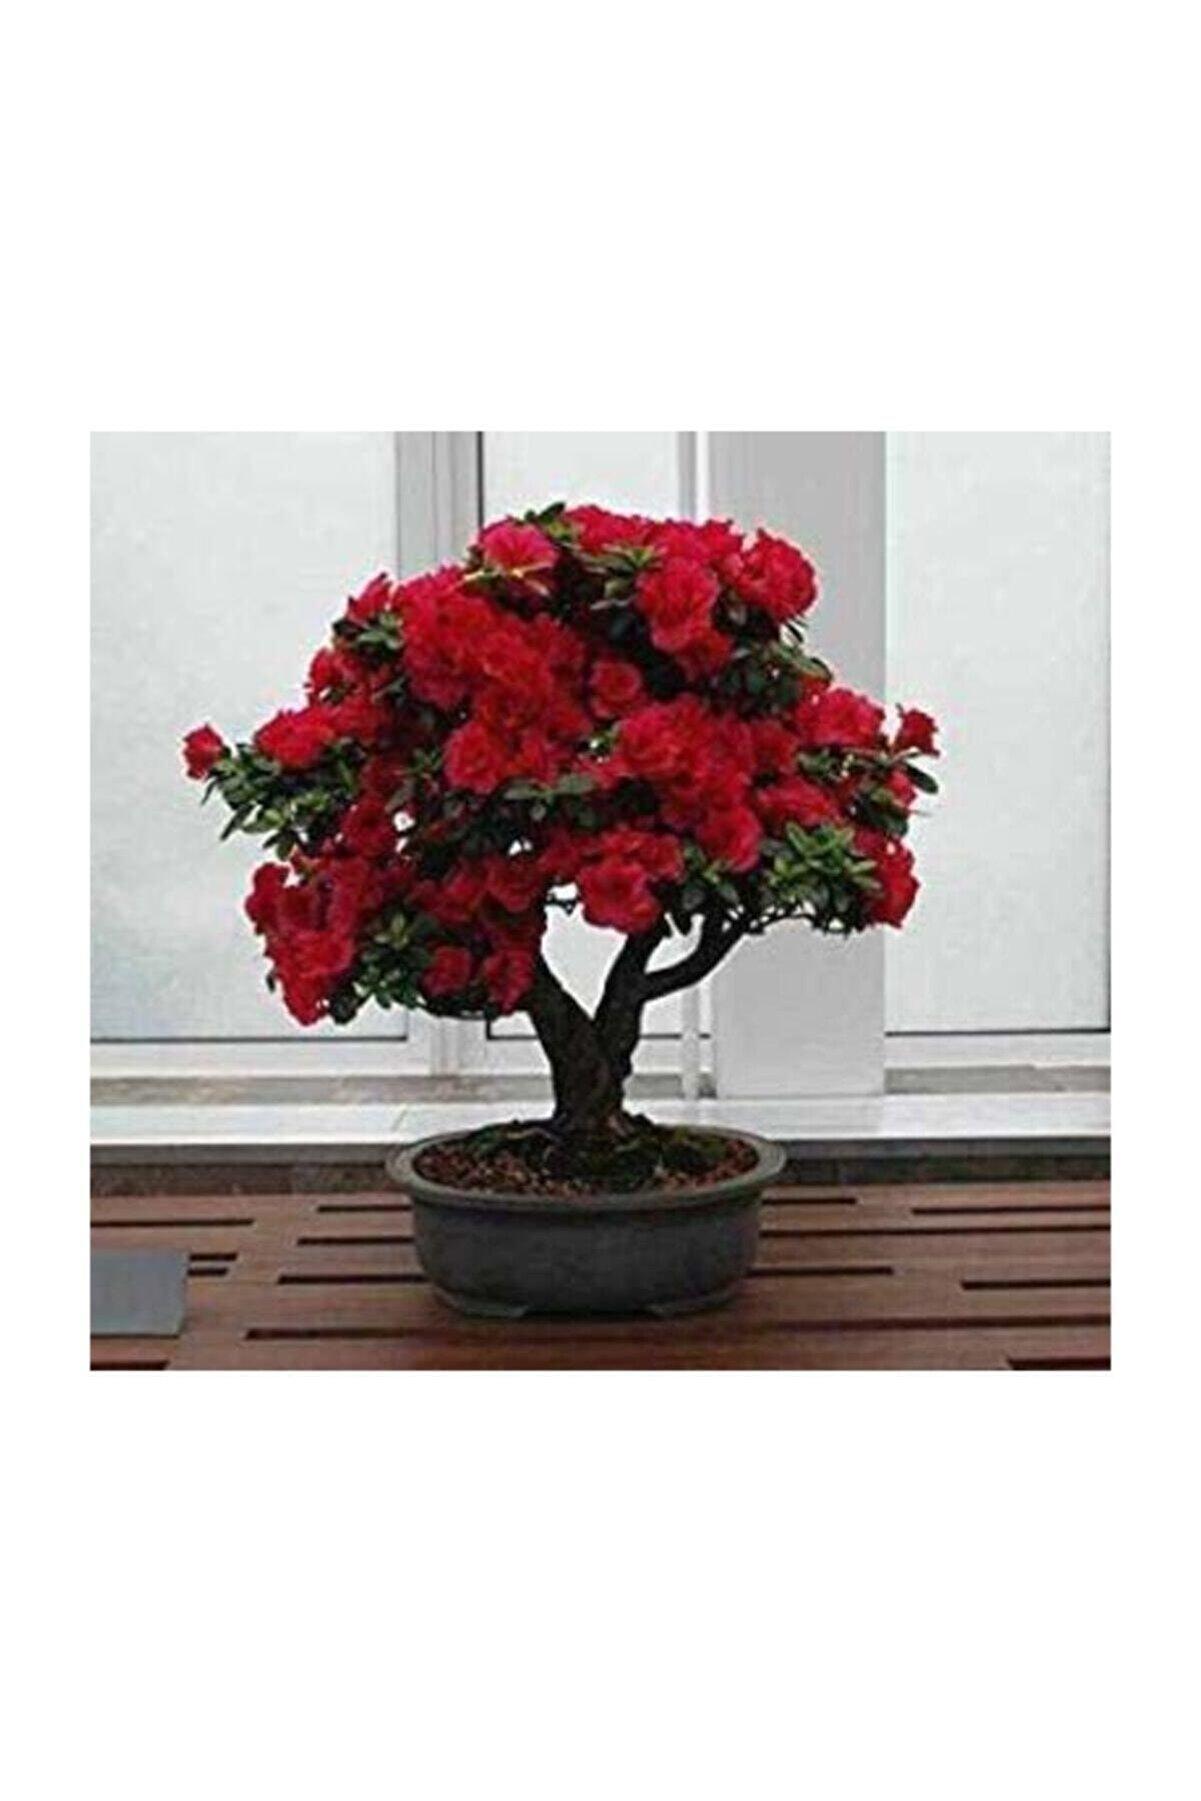 Çam Tohumculuk Bodur Kırmızı Gül Bonzai Ağacı Tohumu 5 Adet Tohum Bonsai Ağacı Tohumu